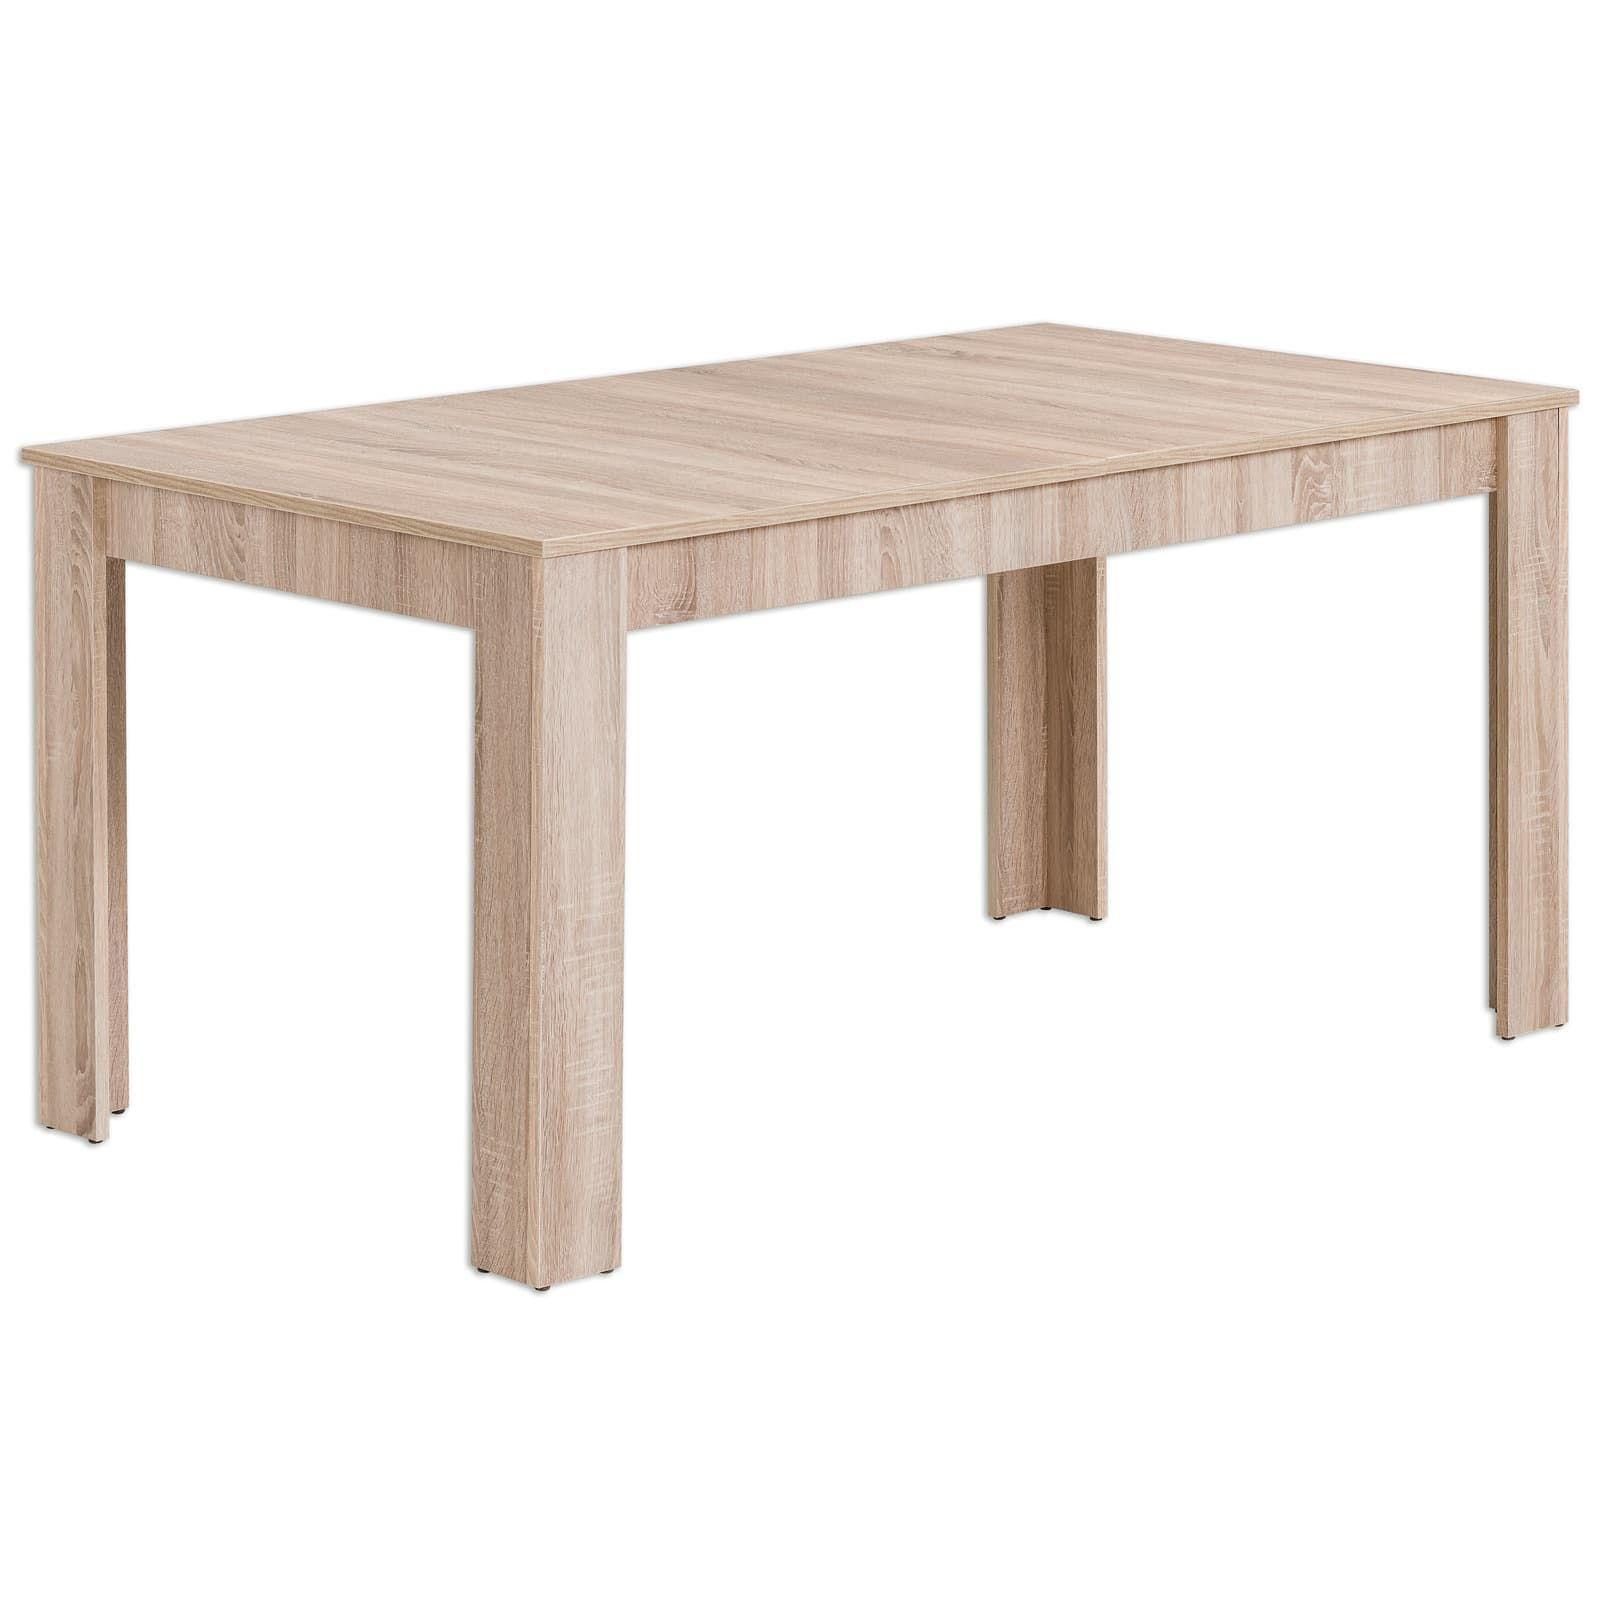 Schau Mal Was Ich Bei Roller Gefunden Habe Esstisch Eiche Sonoma Ausziehbar 160x90 Cm Esstisch Ausziehbar Moderne Esszimmer Tische Kuche Tisch